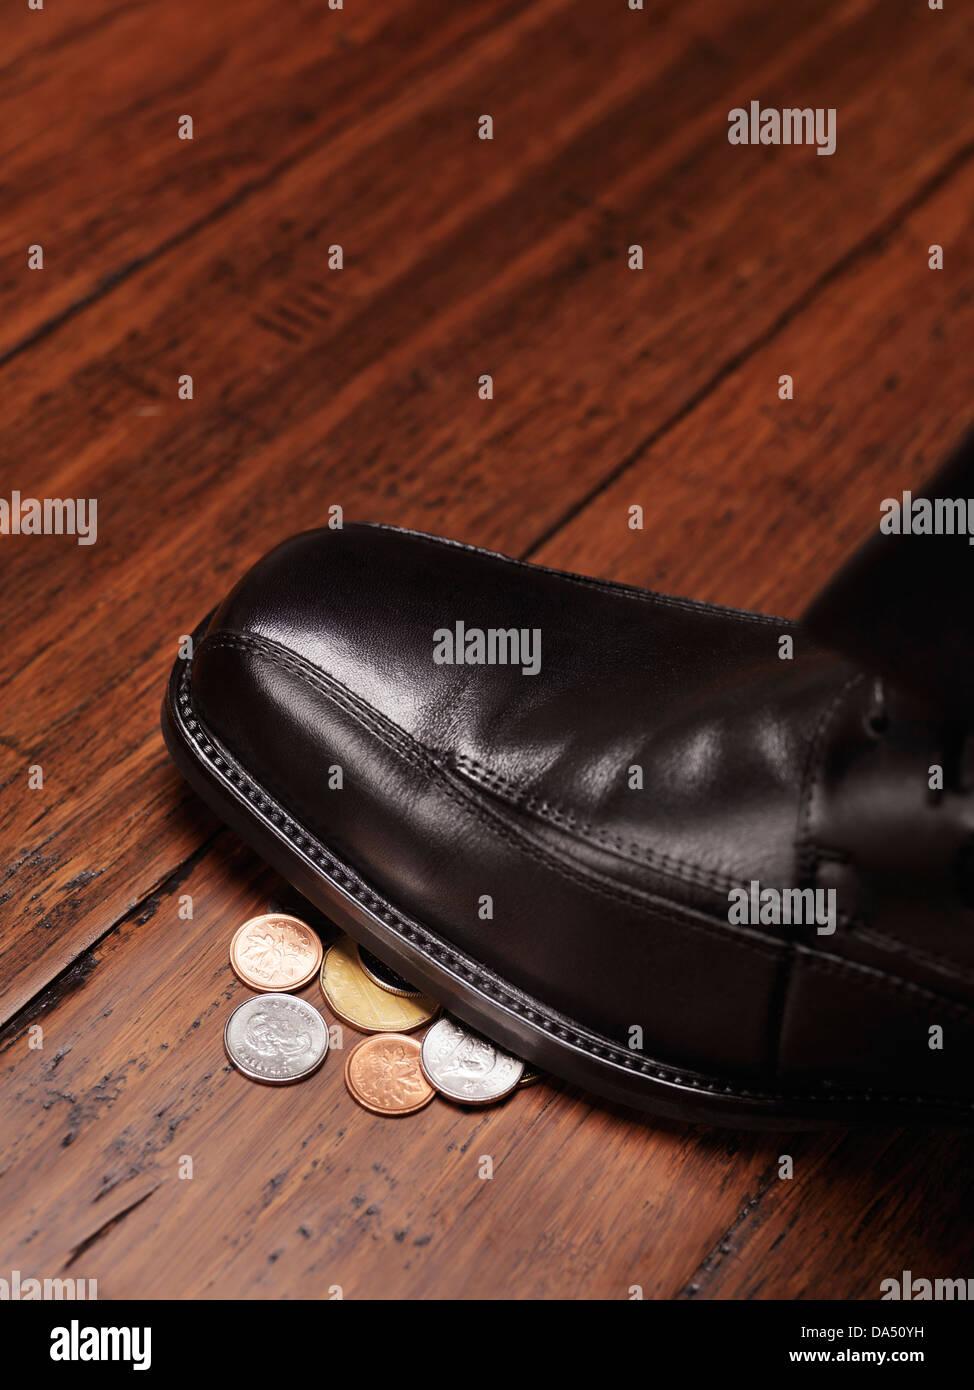 Nahaufnahme von einem Mann Schuh stehen auf Veränderung, Münzen, Geld auf den Boden-Konzept gefunden Stockbild